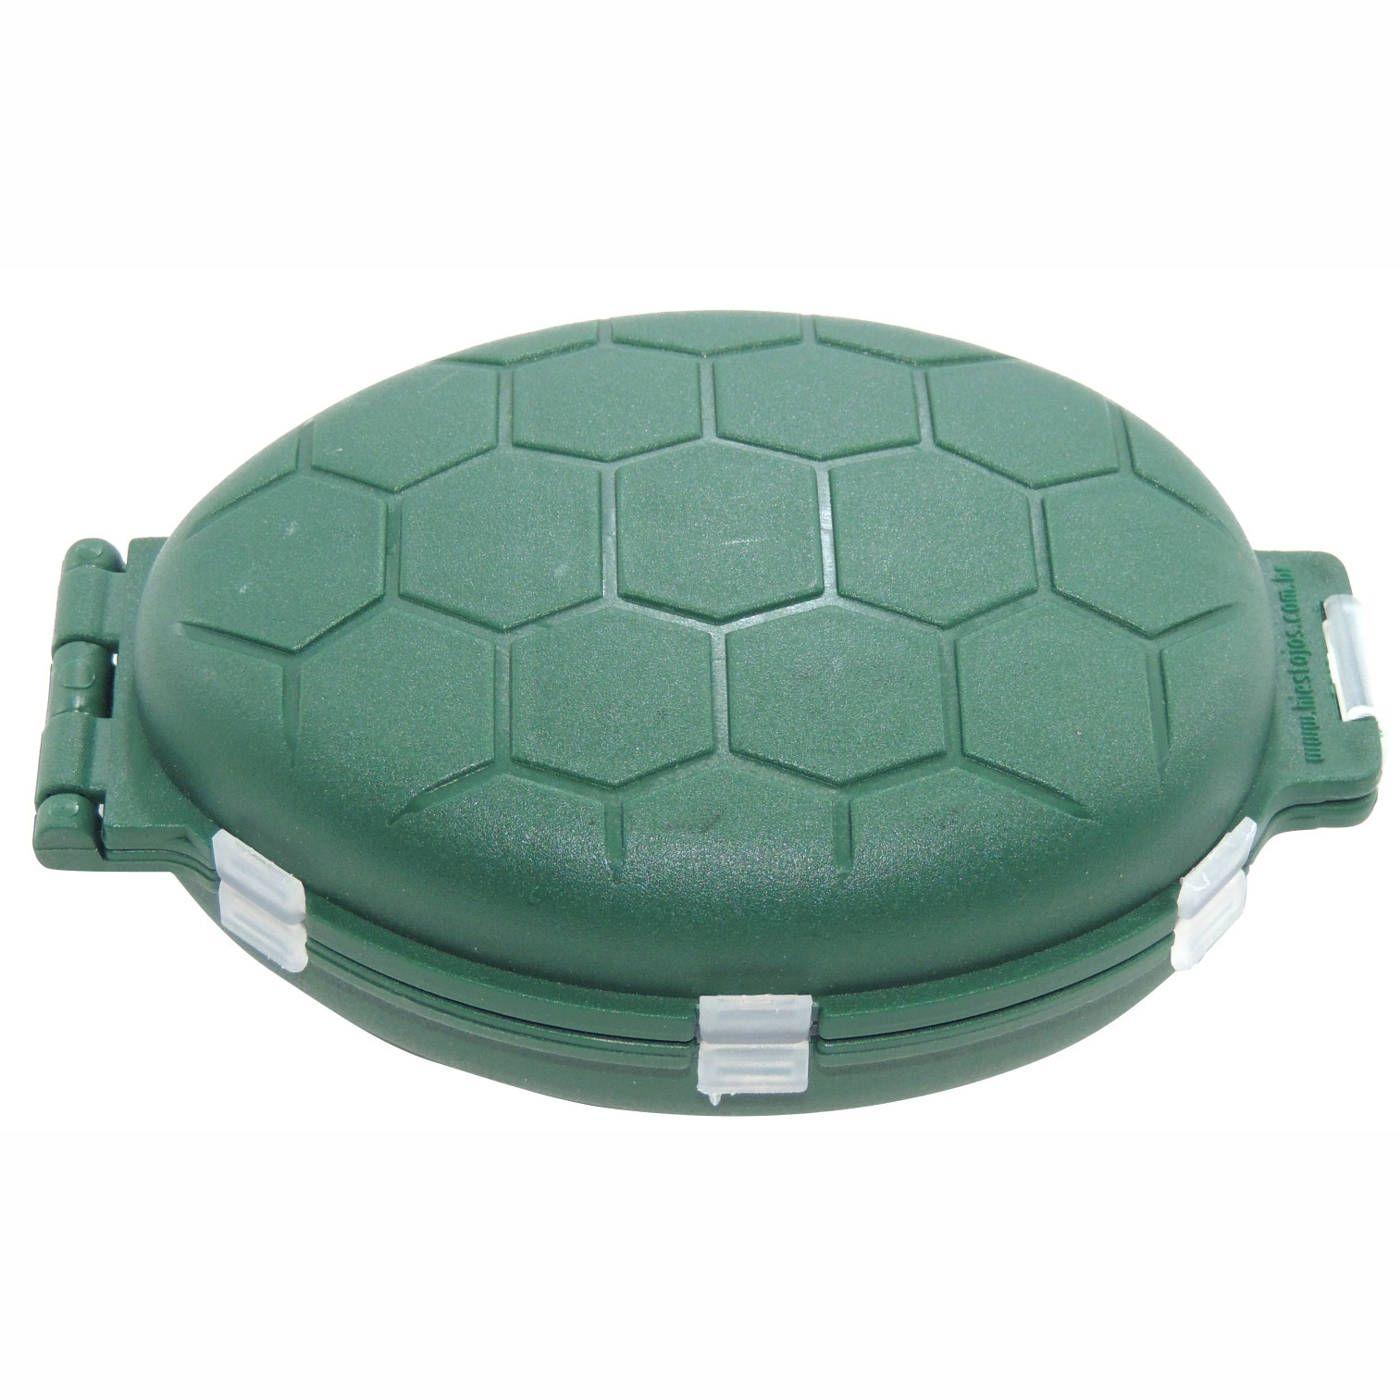 Estojo HI Articulado Tipo Tartaruga - 12 Divisões